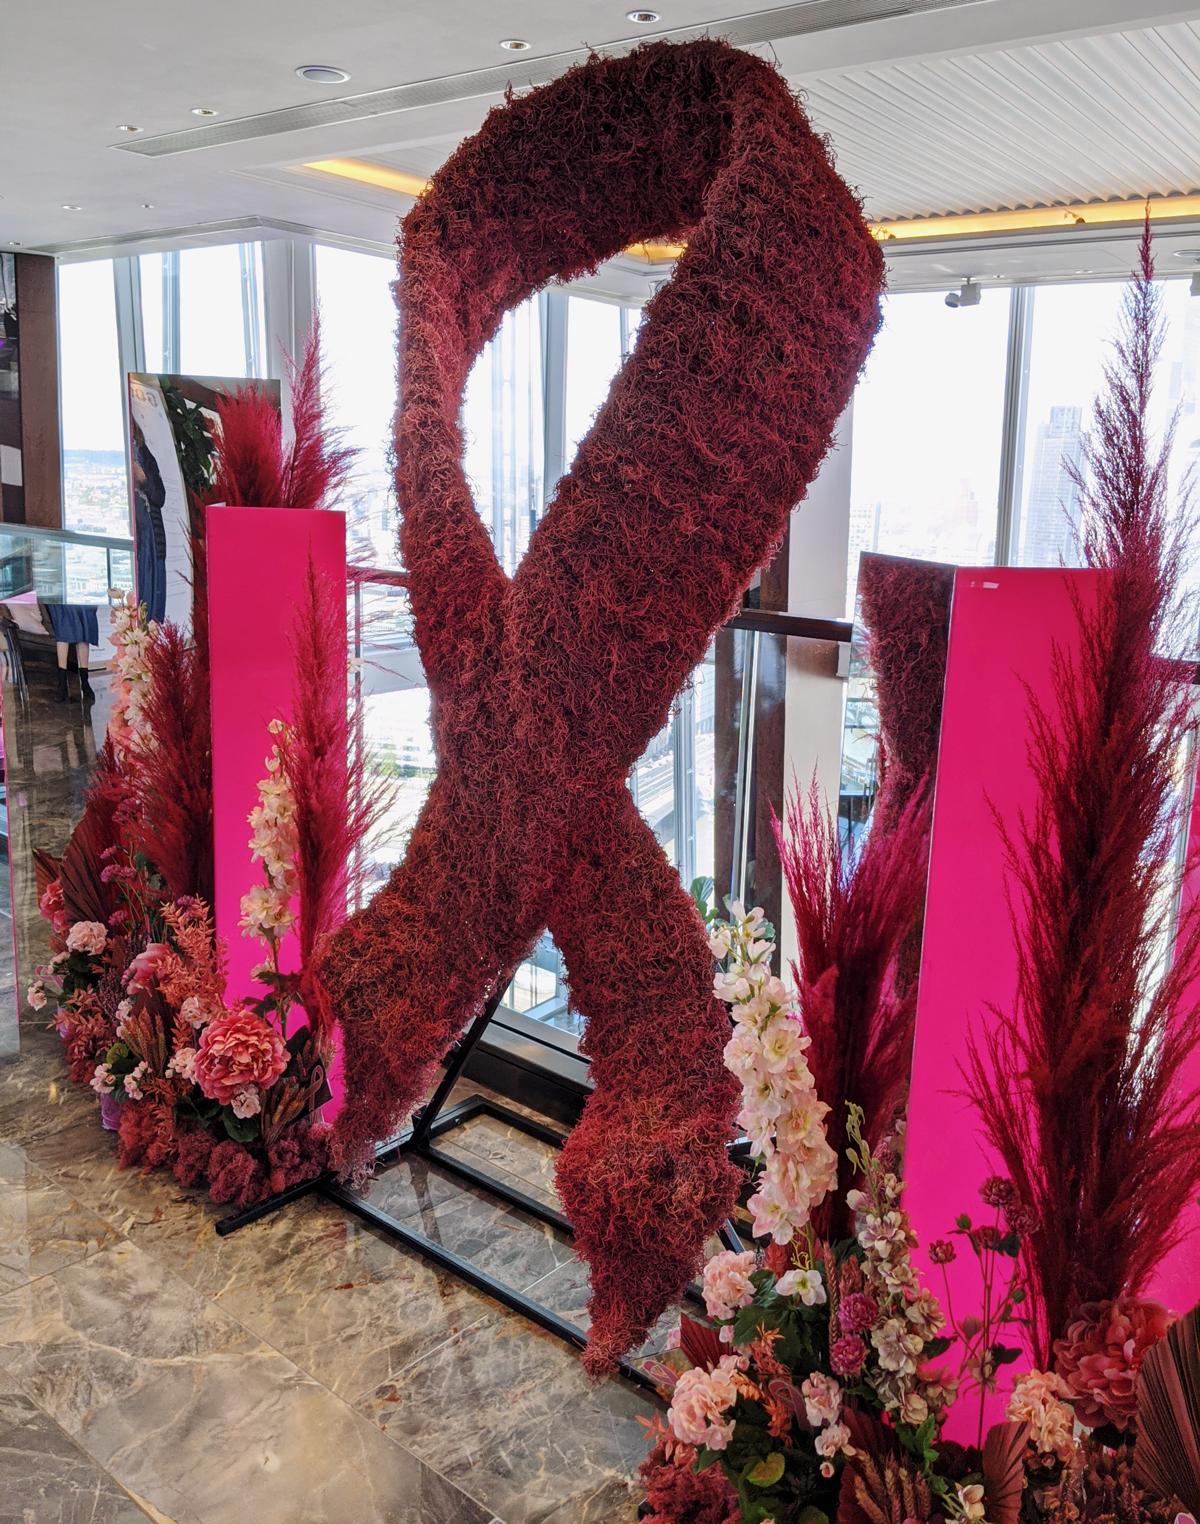 Ting at the Shard Floral Display